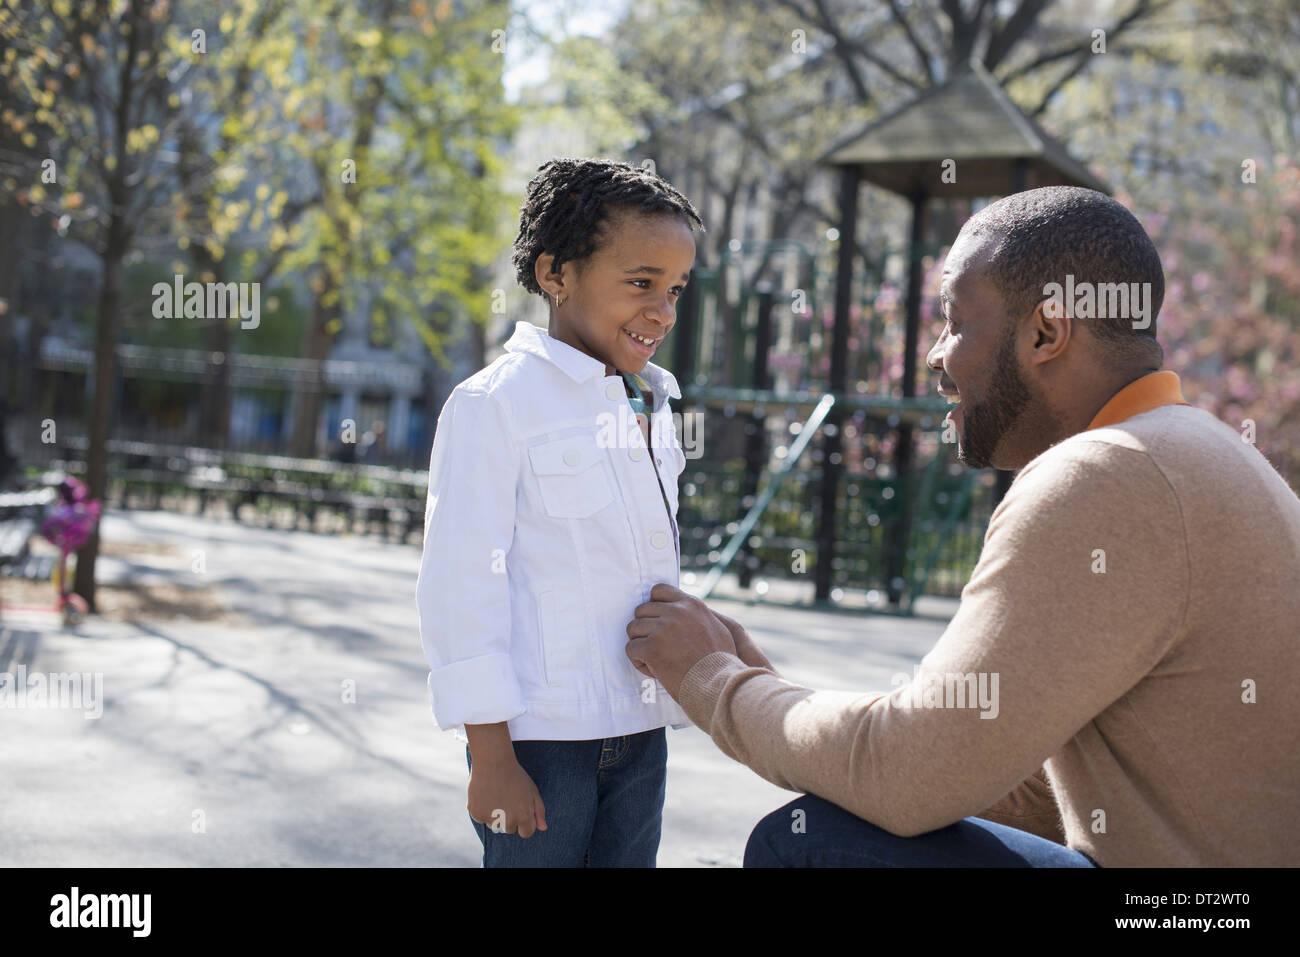 Un padre arrodillado y abotonarse la chaqueta de su hijo. Imagen De Stock